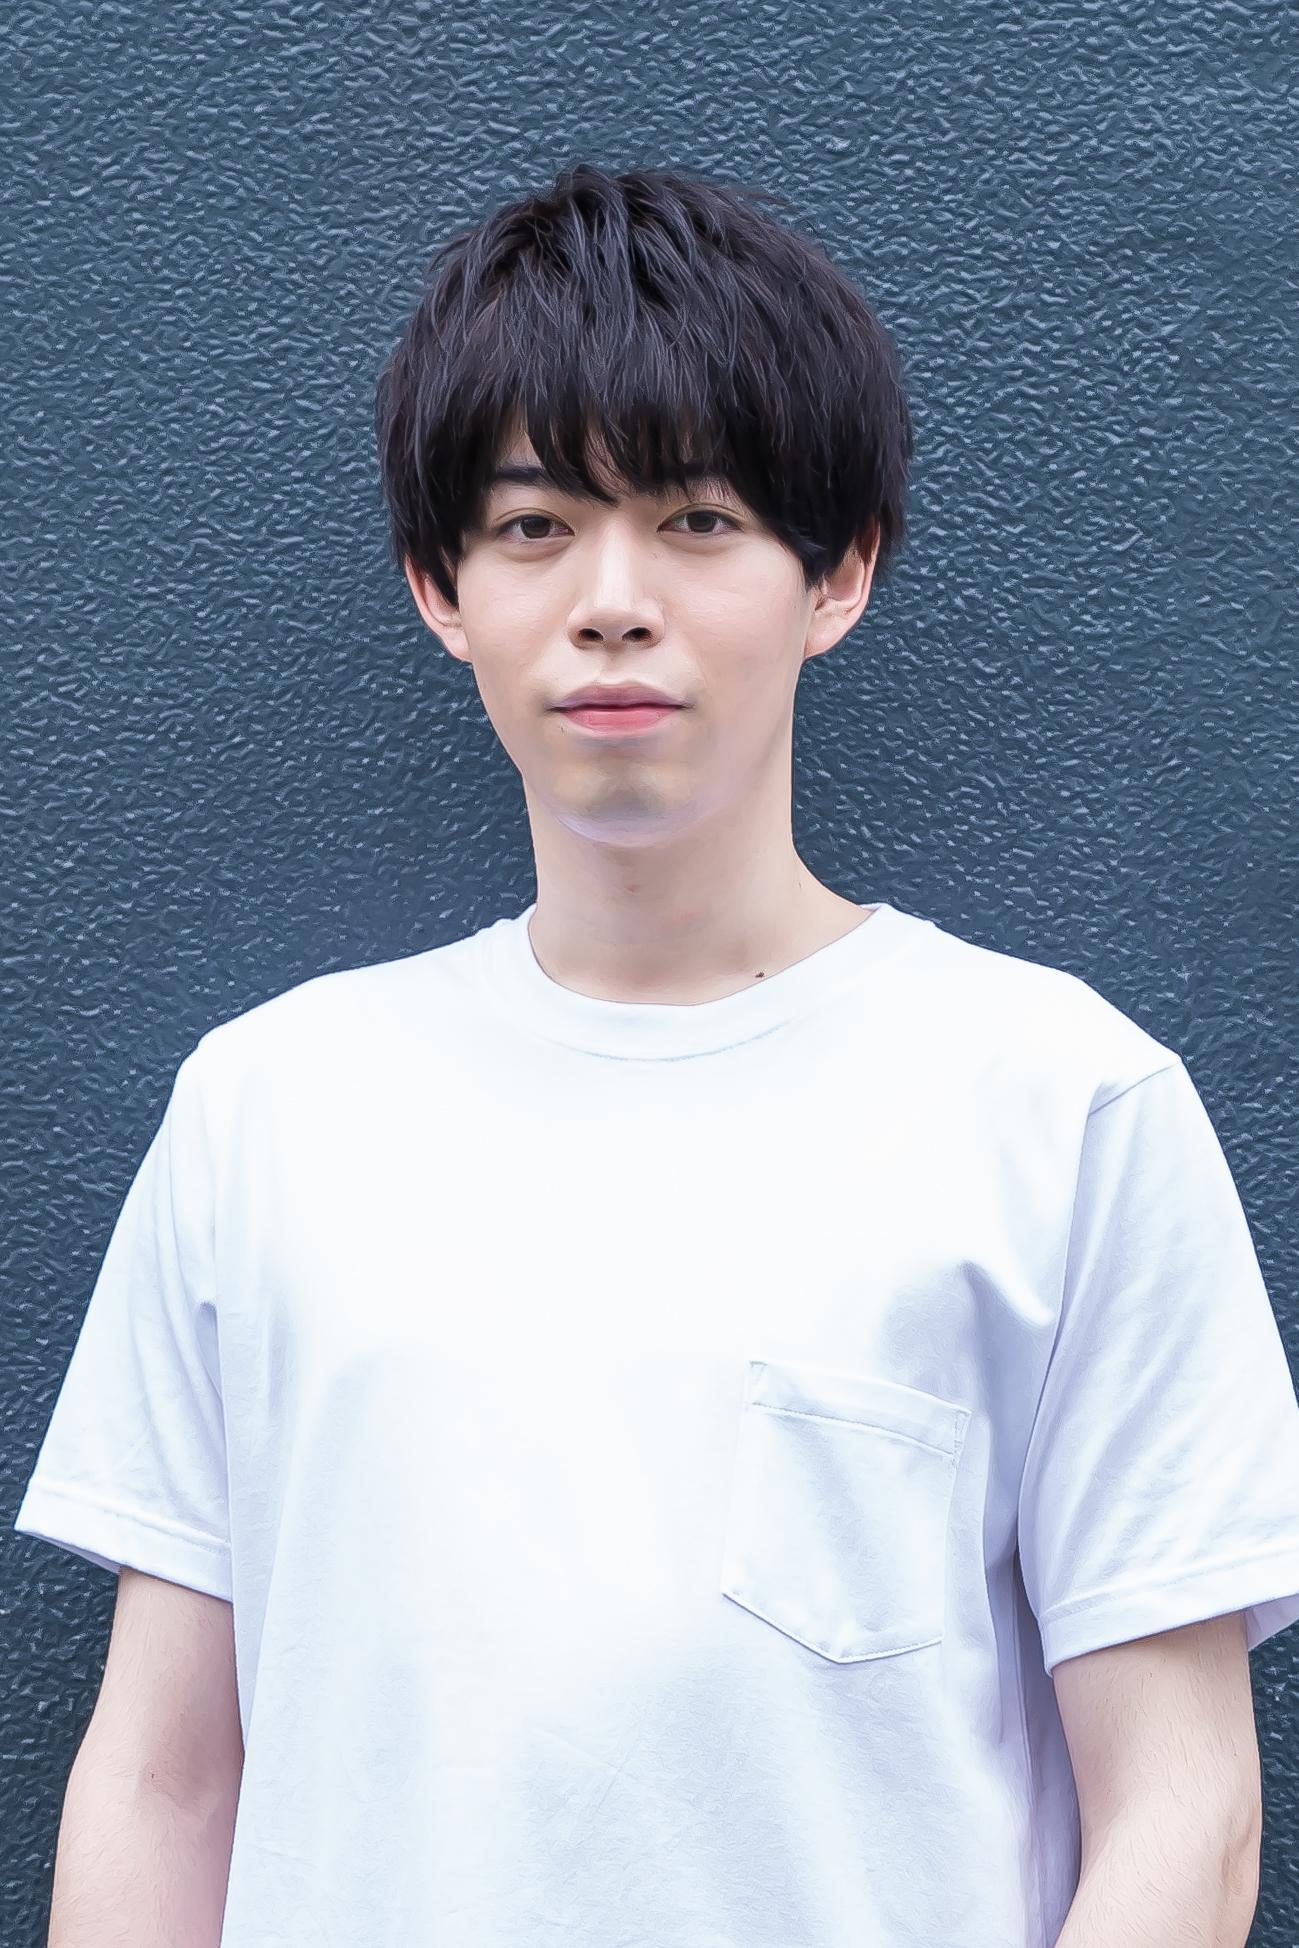 宇崎 湊のプロフィール写真